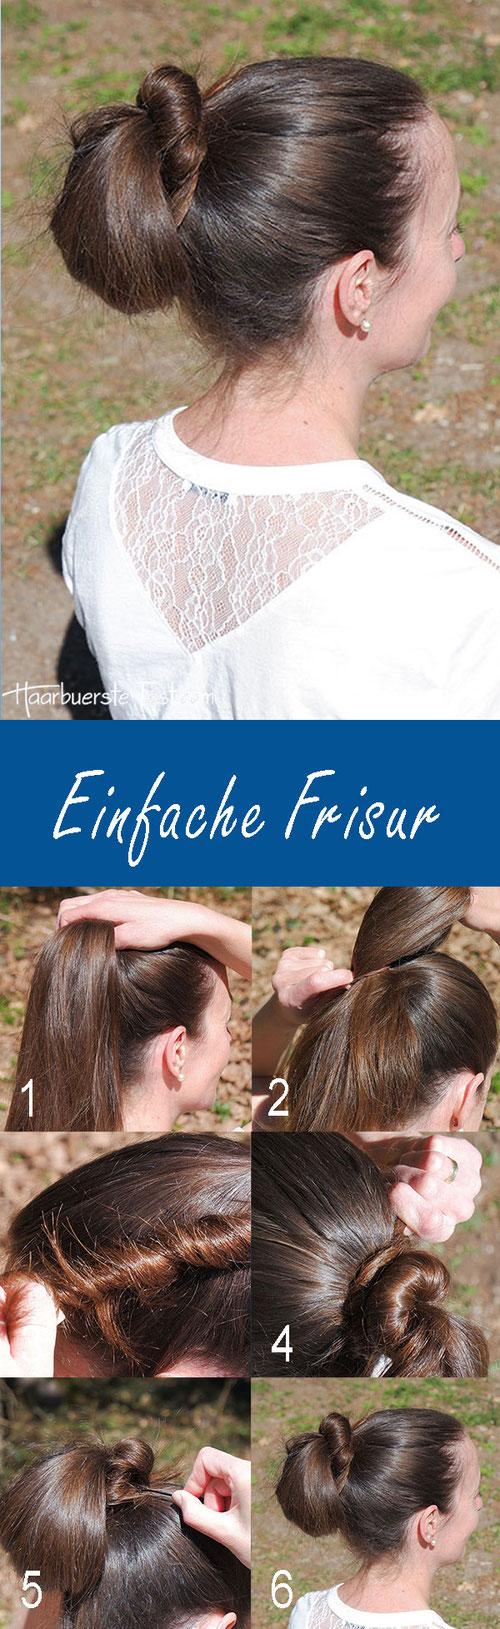 einfache Frisur Anleitung, einfache Frisur für lange Haare